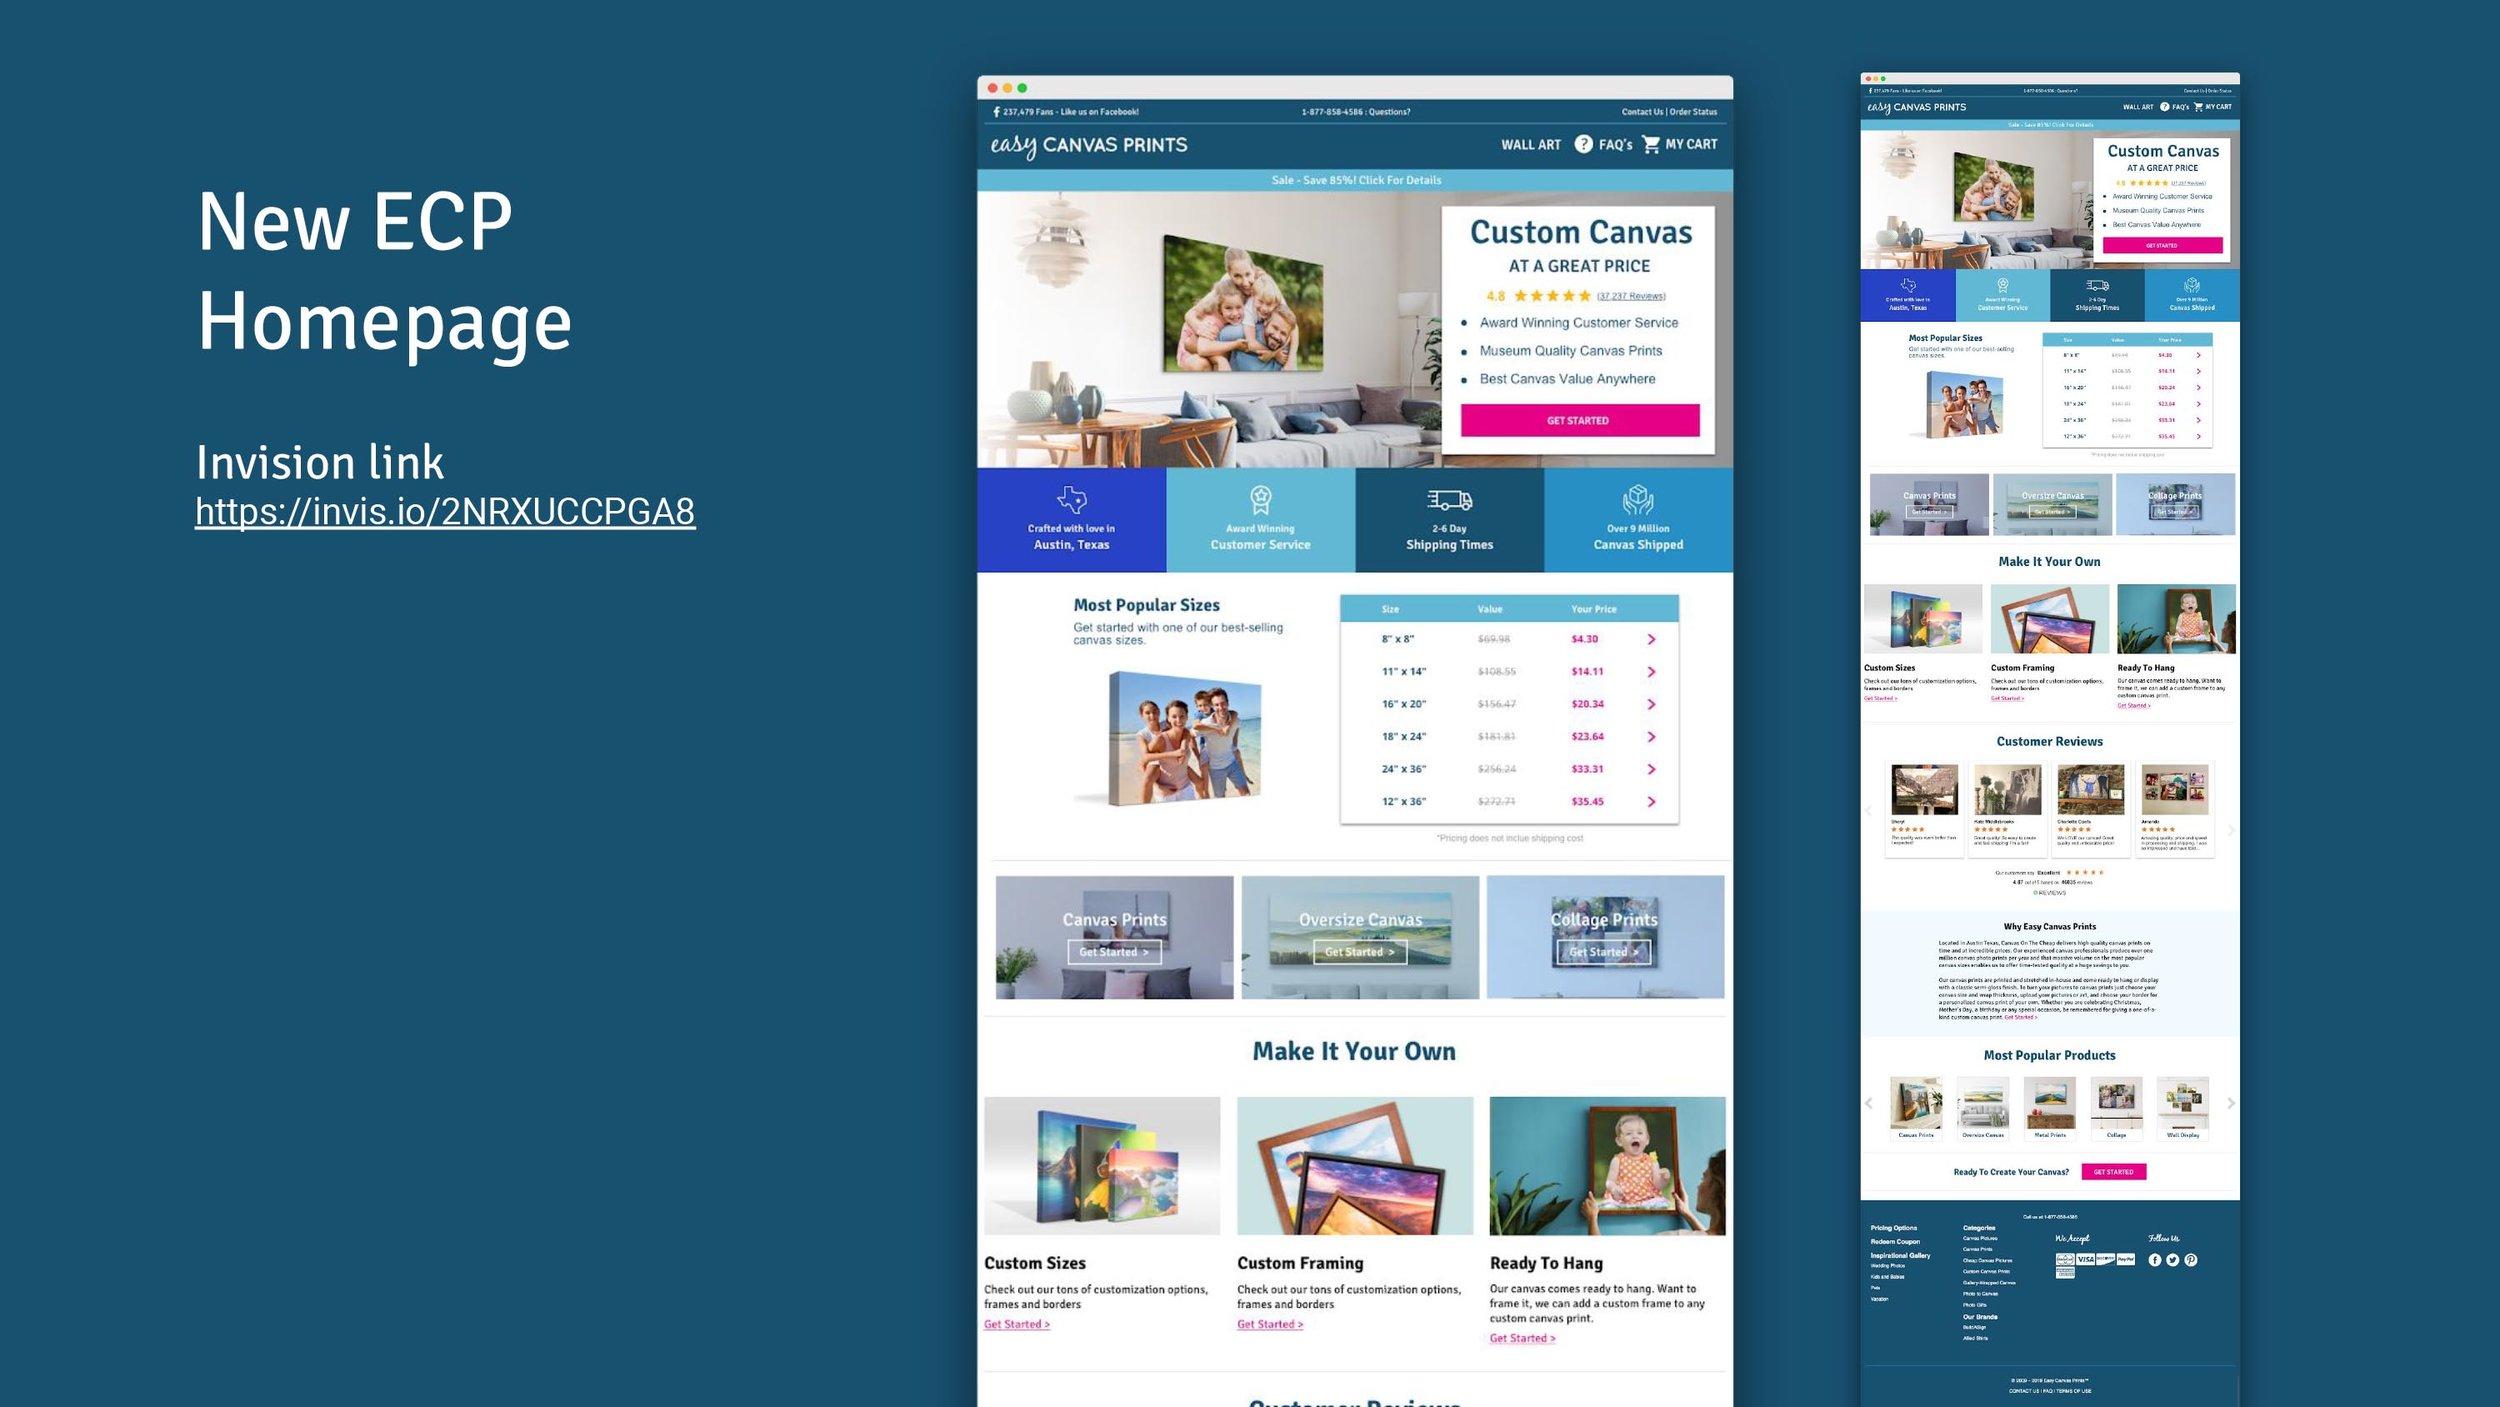 14_Laura Worrick - ECP Homepage Redesign.jpg